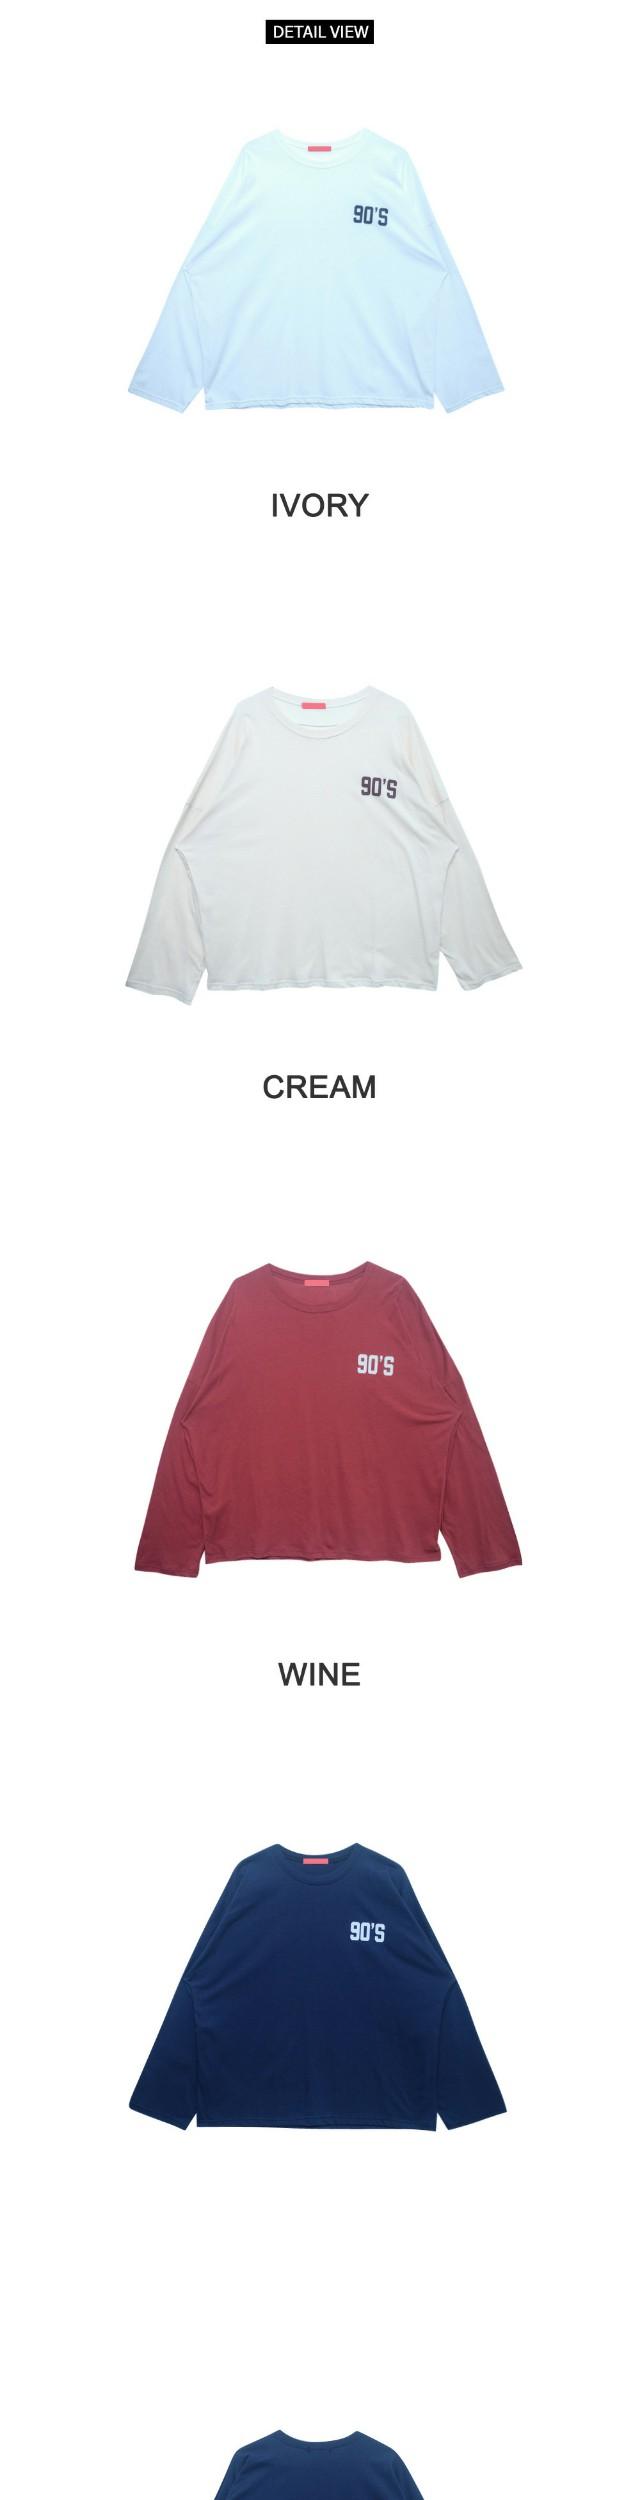 90s 티셔츠 (t3616)